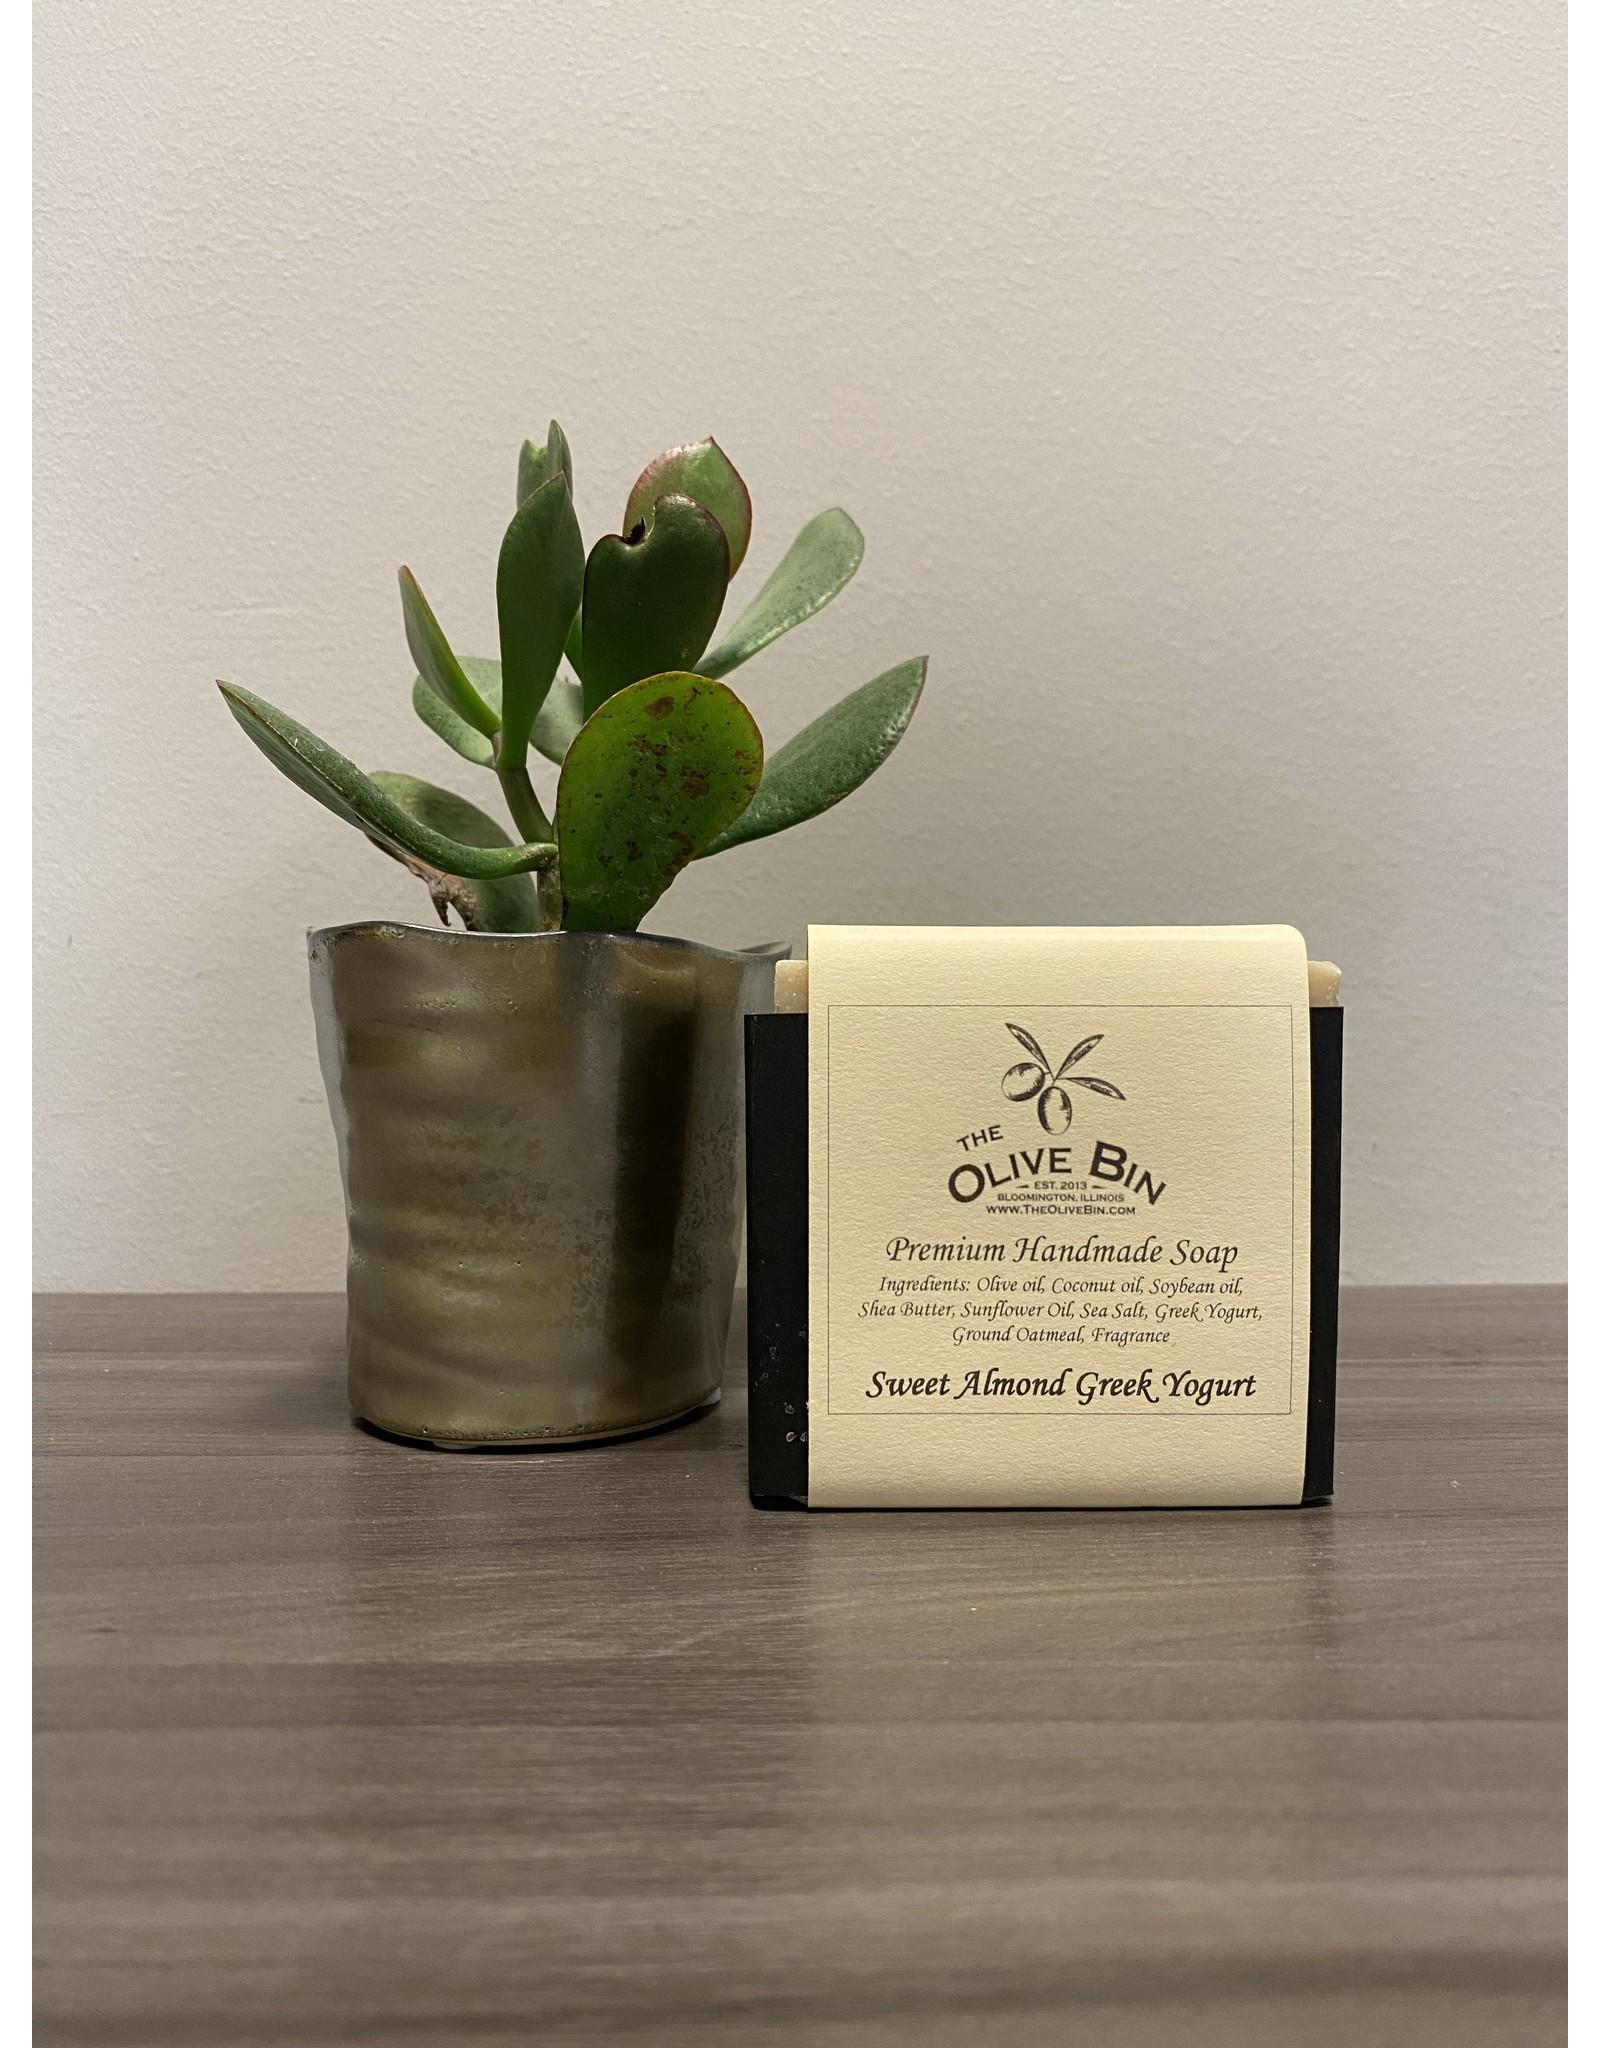 Sweet Almond Greek Yogurt Soap